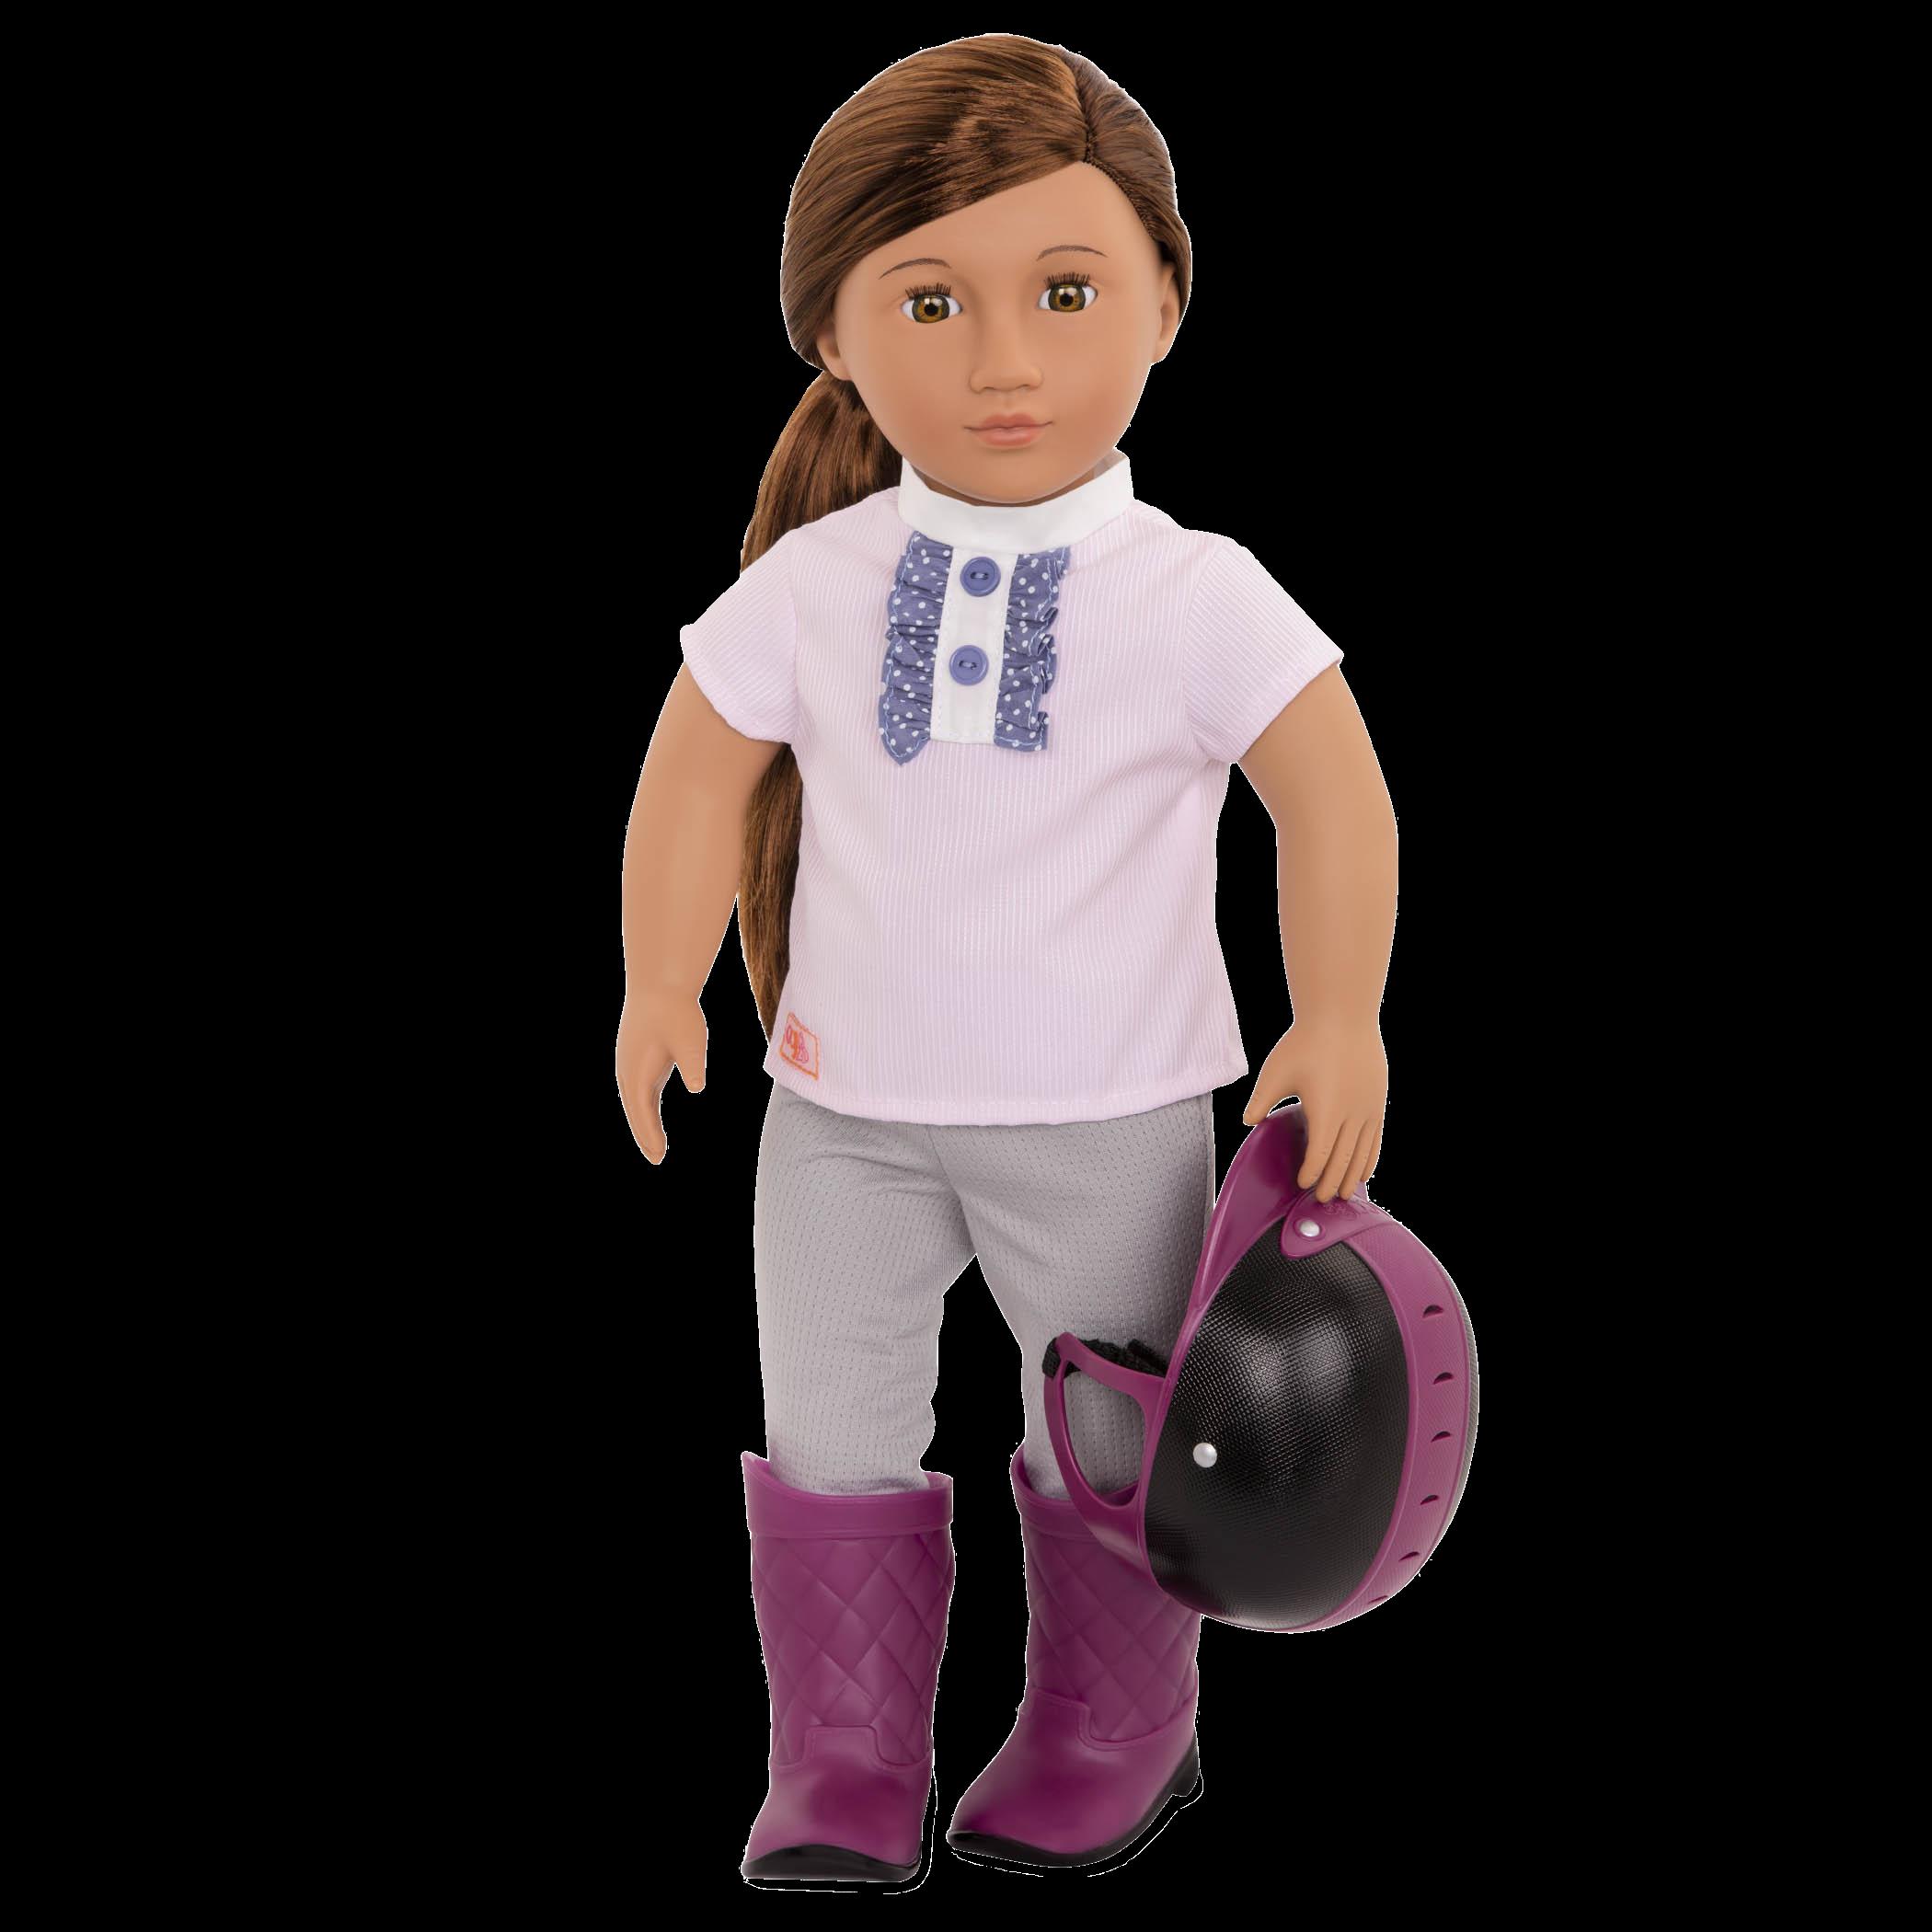 Elliana holding helmet